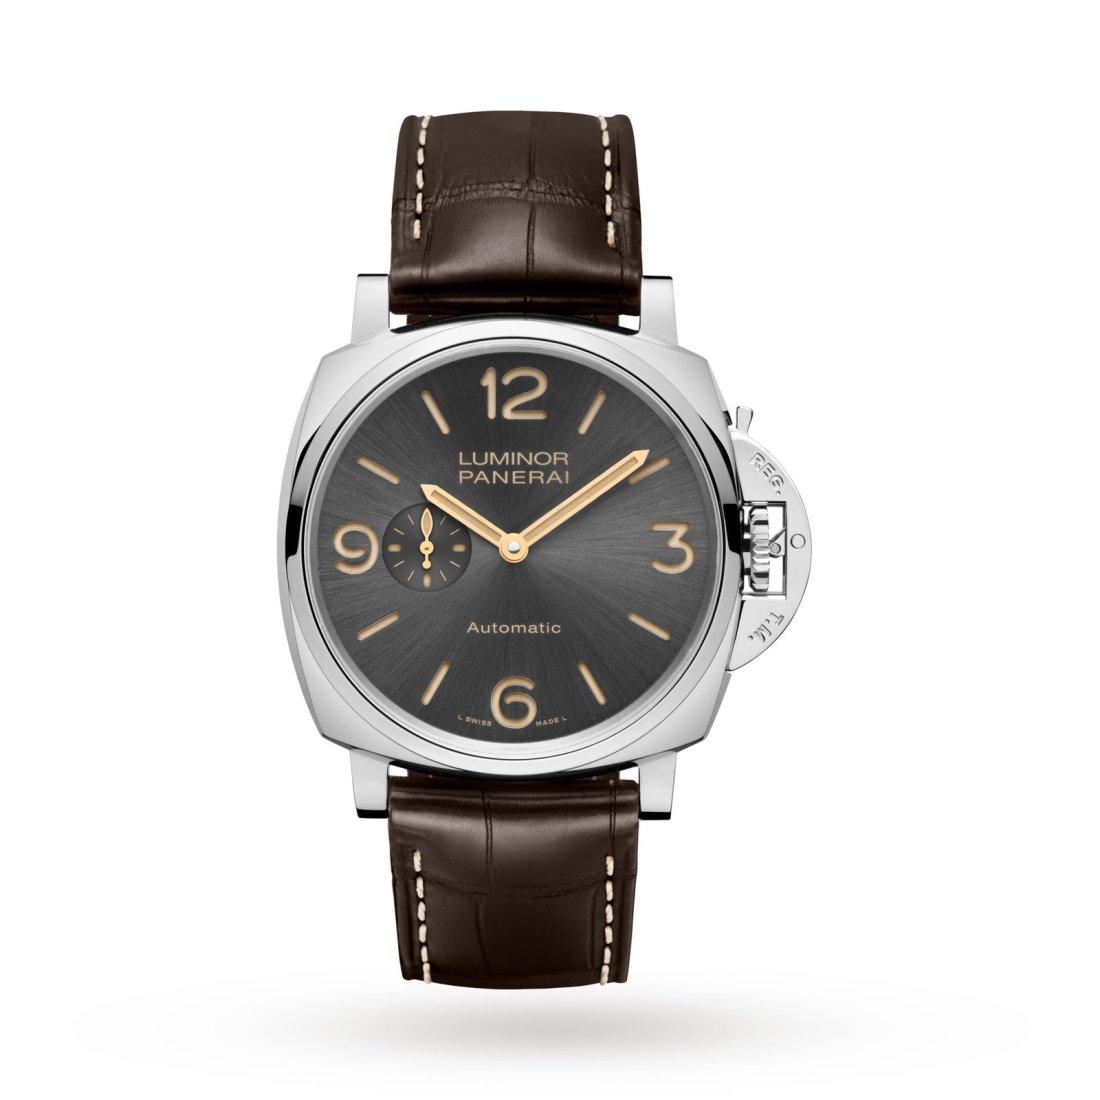 Reloj Panerai con correas color café y caratula en color plateado con negro